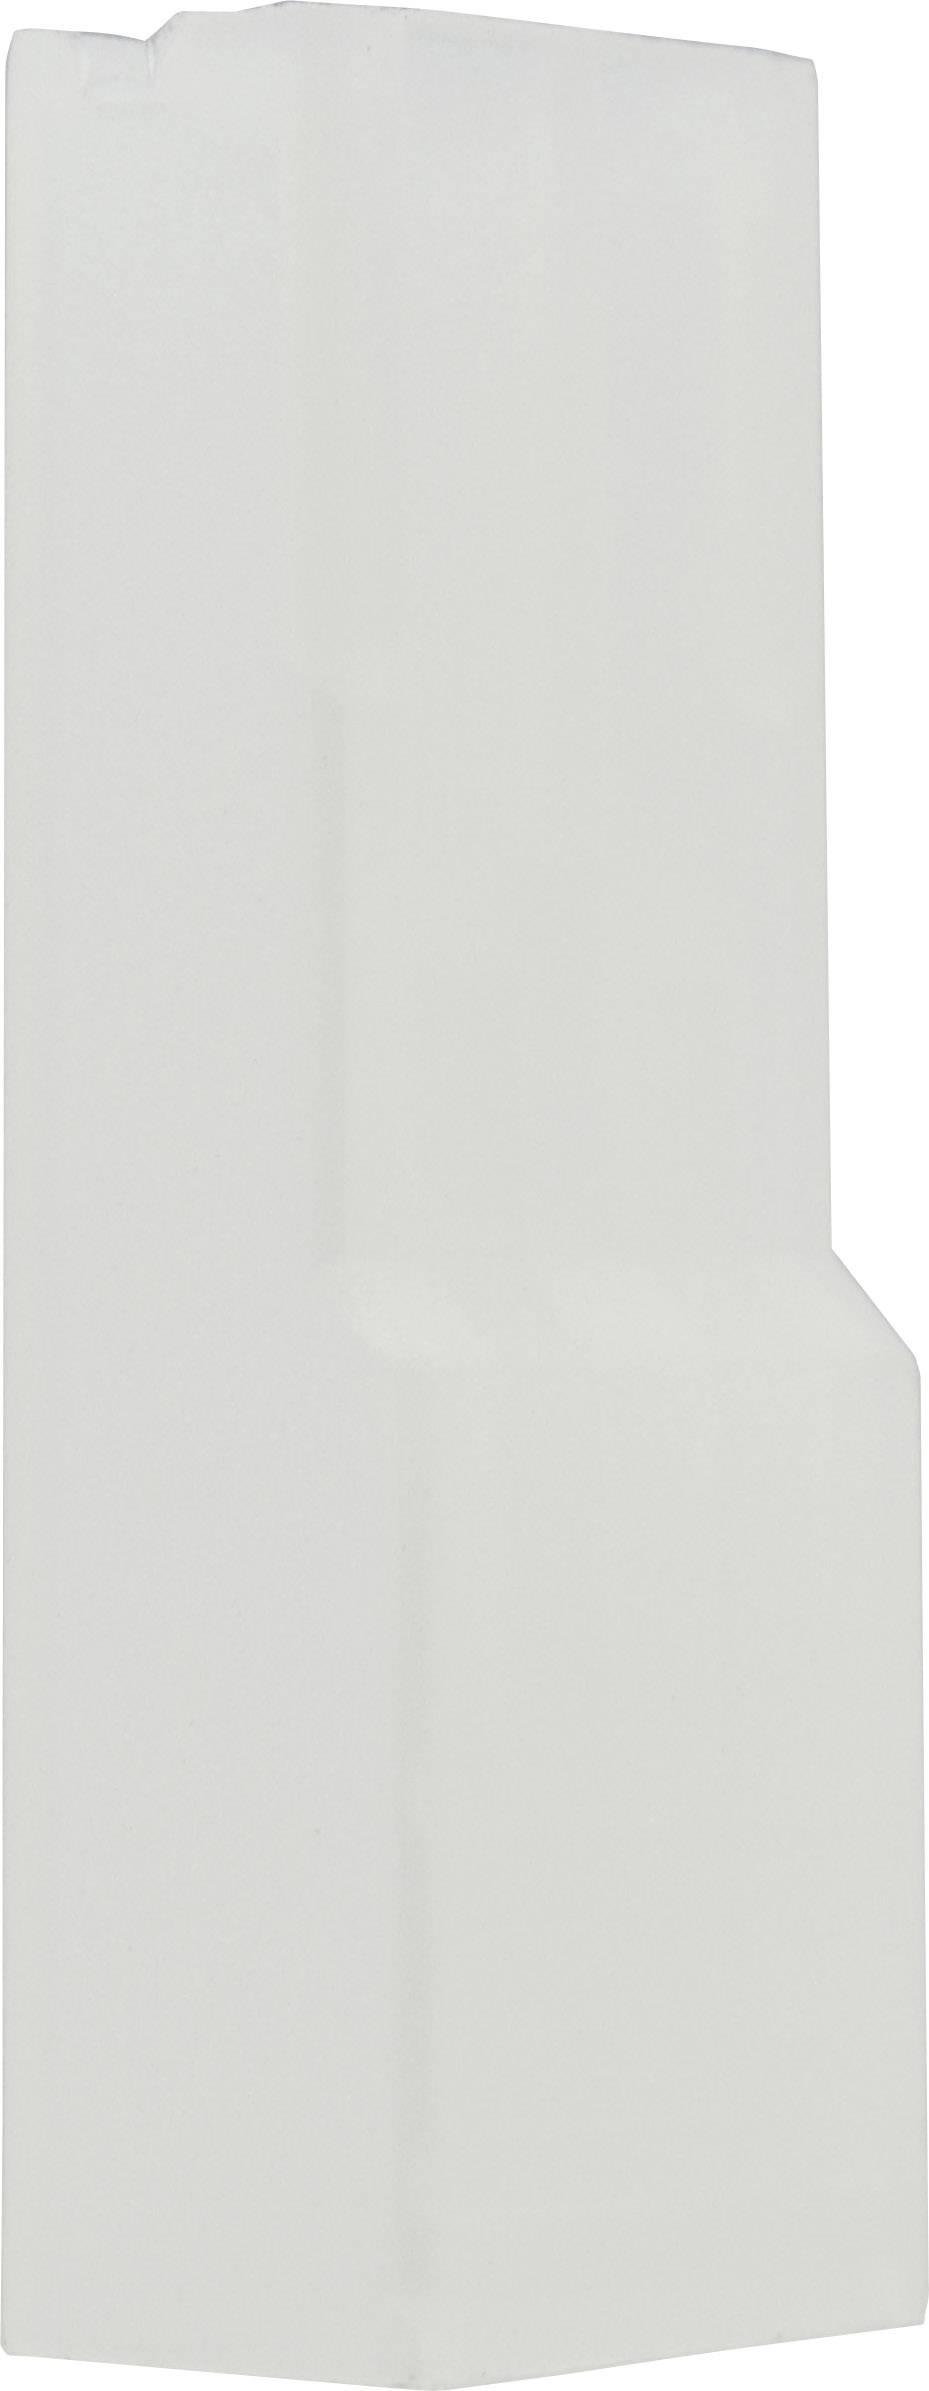 Izolačná objímka Vogt Verbindungstechnik 3941pa, priehľadná, 0.50 mm² – 2.50 mm², 1 ks